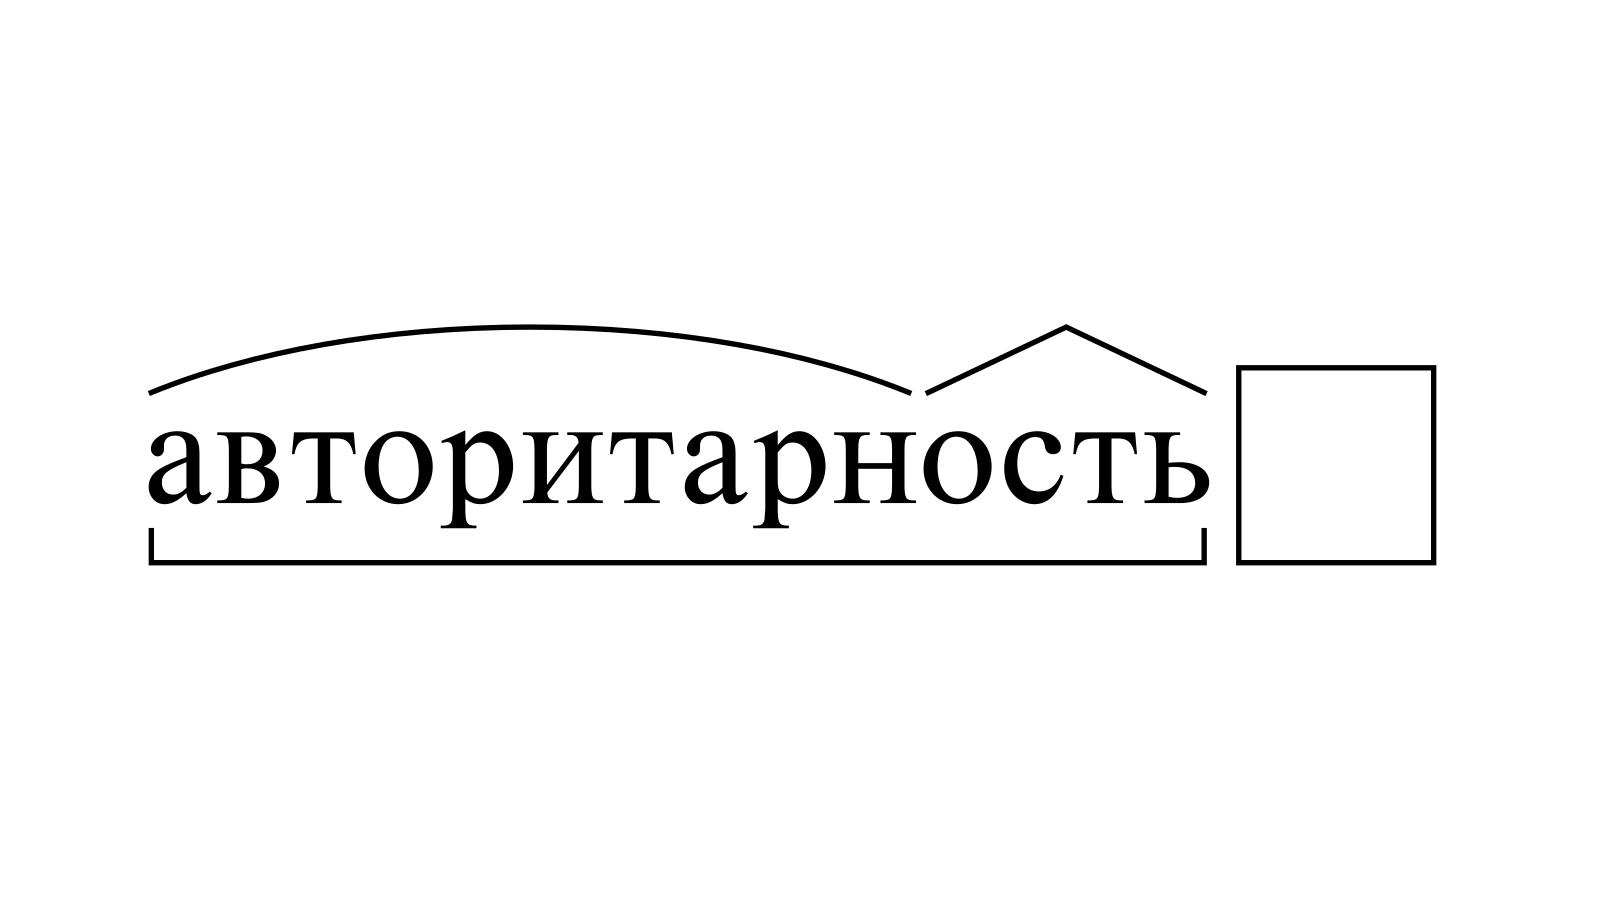 Разбор слова «авторитарность» по составу